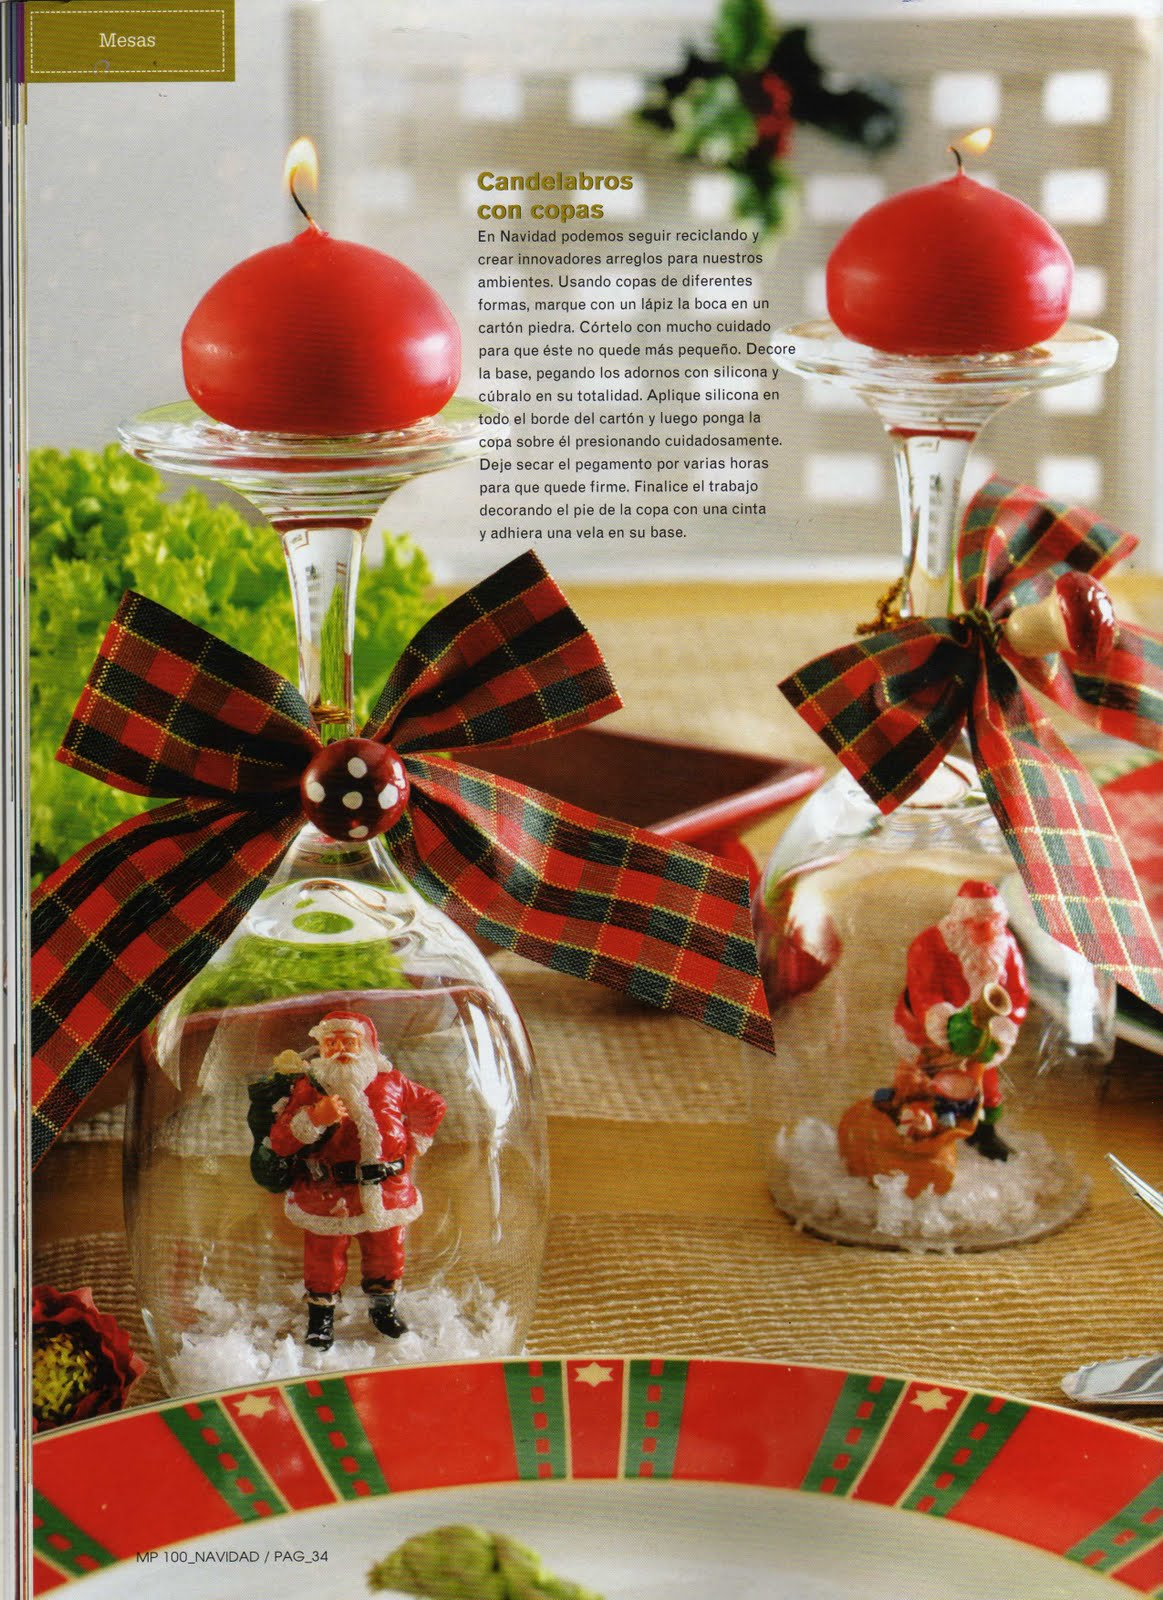 Decoraciones para navidad wreath o coronas para adornar puertas y mas copas con velas - Decoraciones para navidad ...